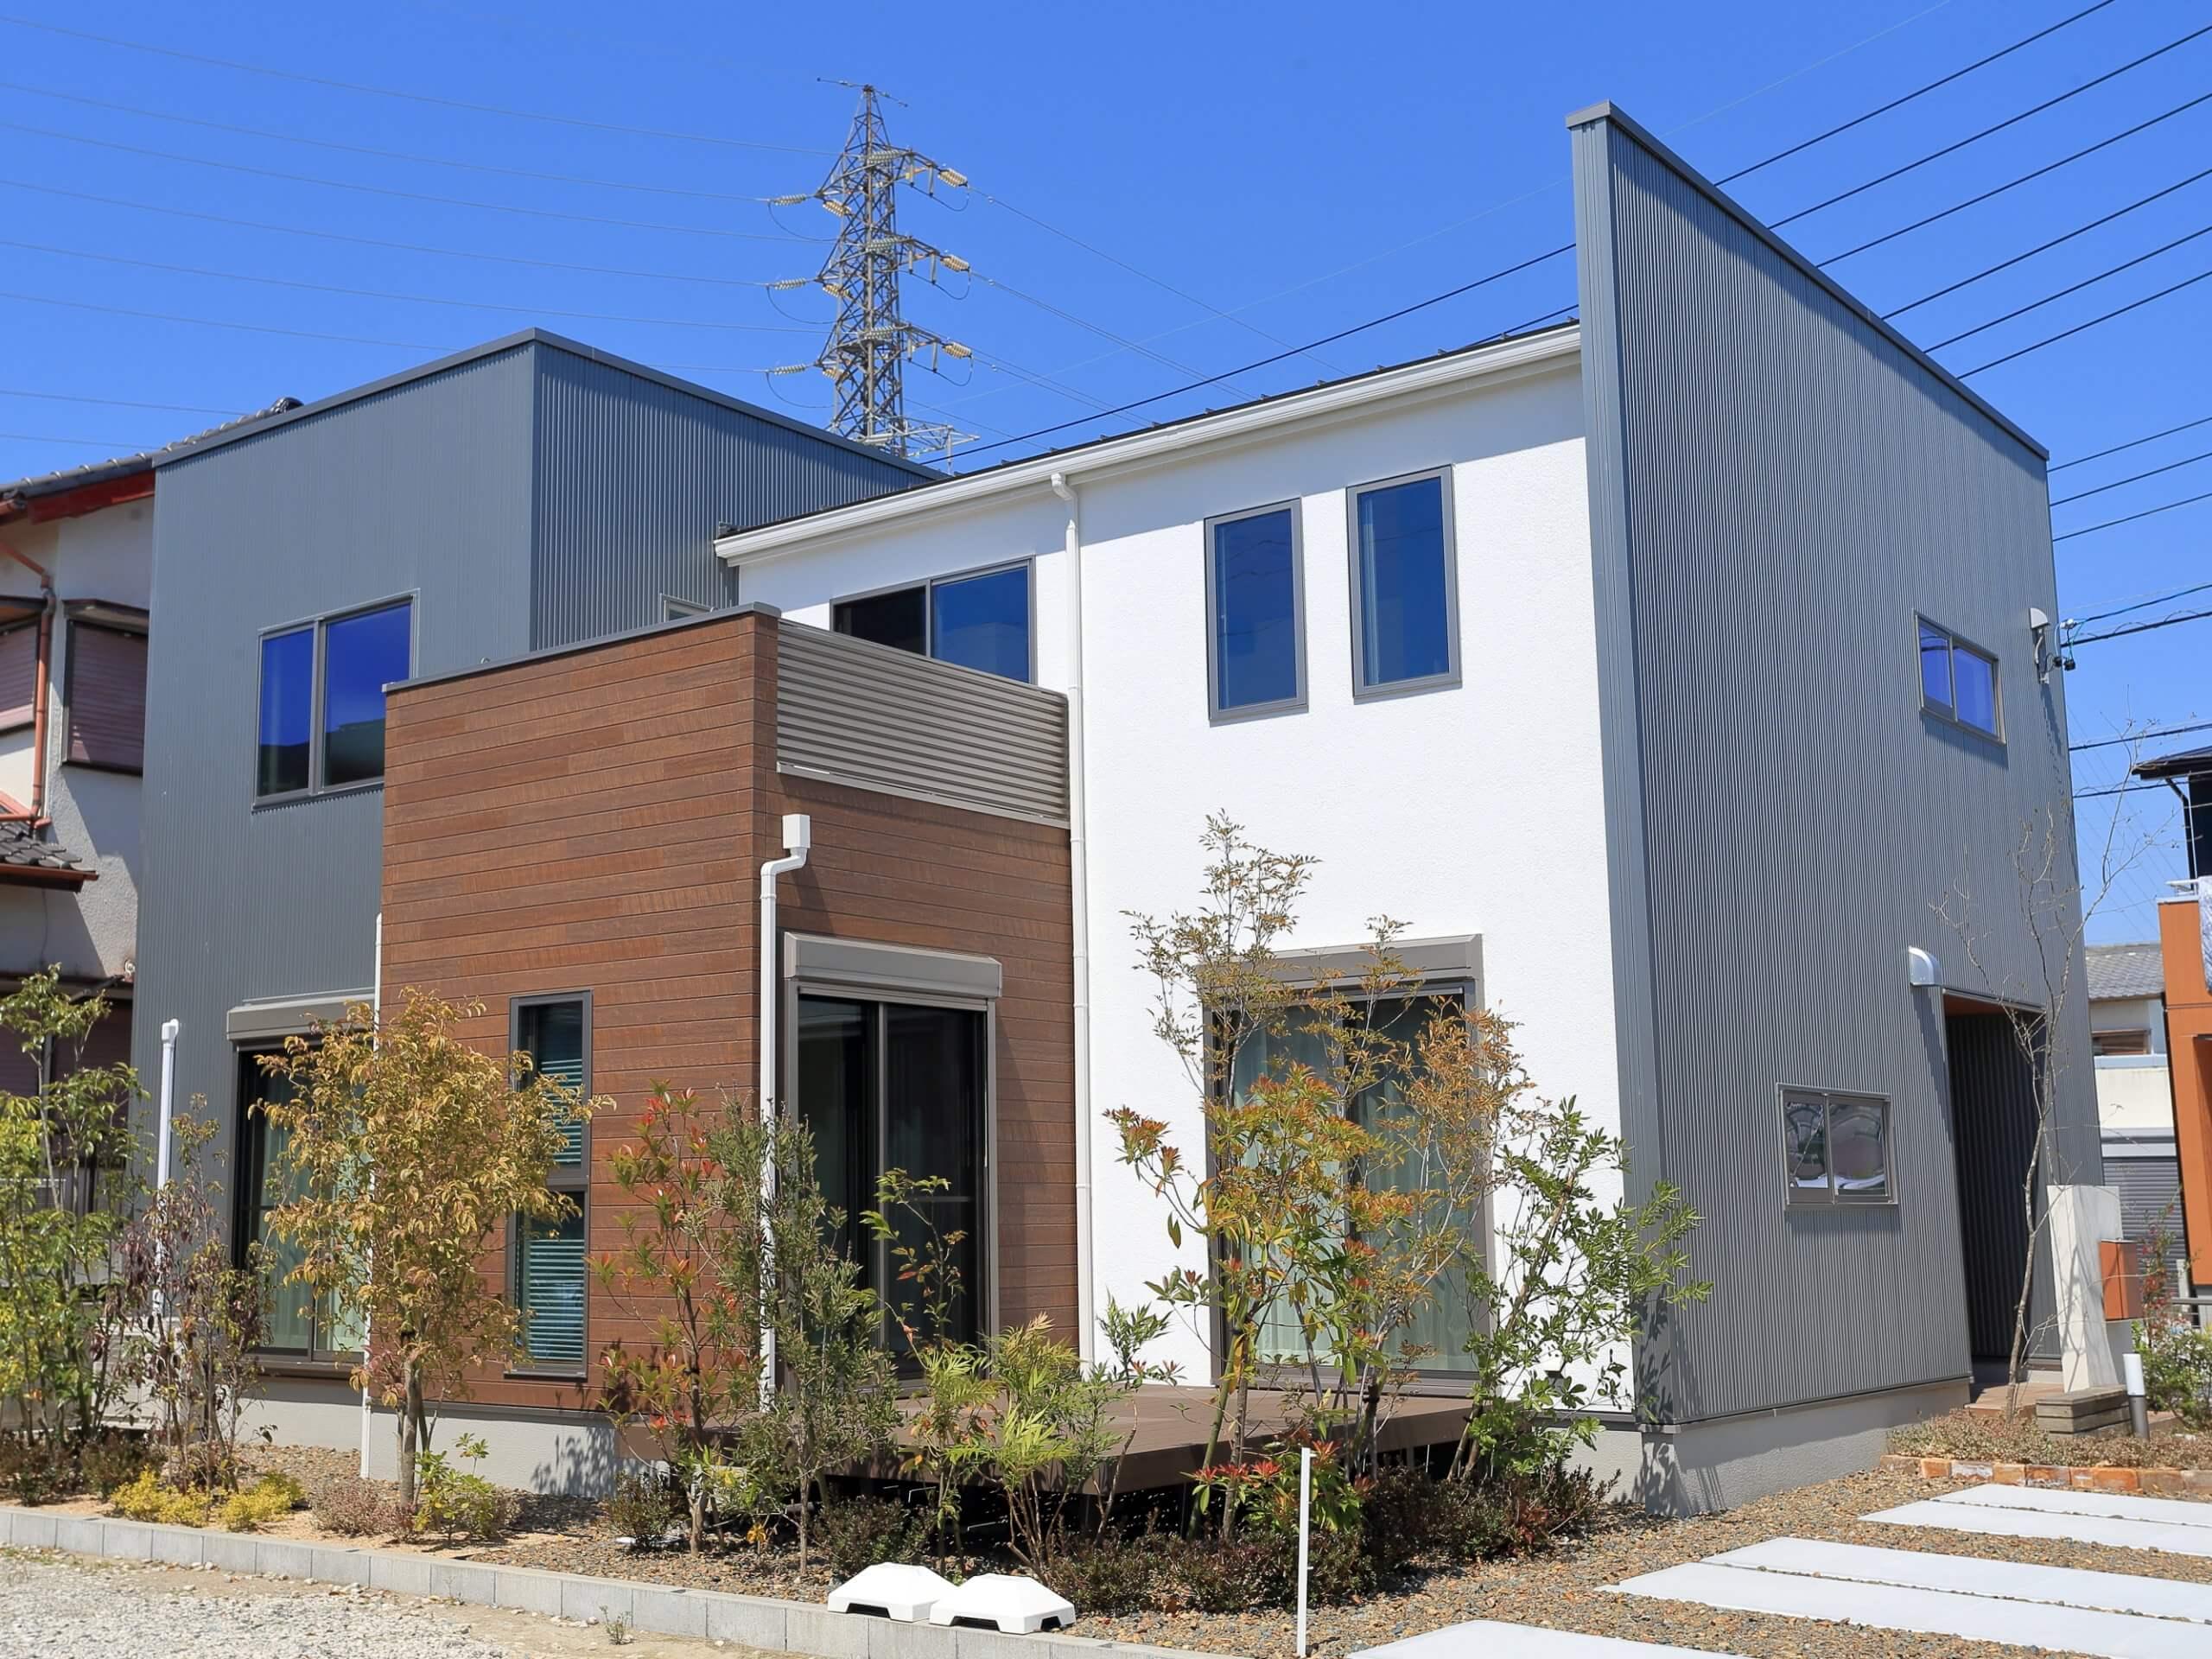 伊場営業所 通常営業再開のお知らせと最新モデルハウスのご案内